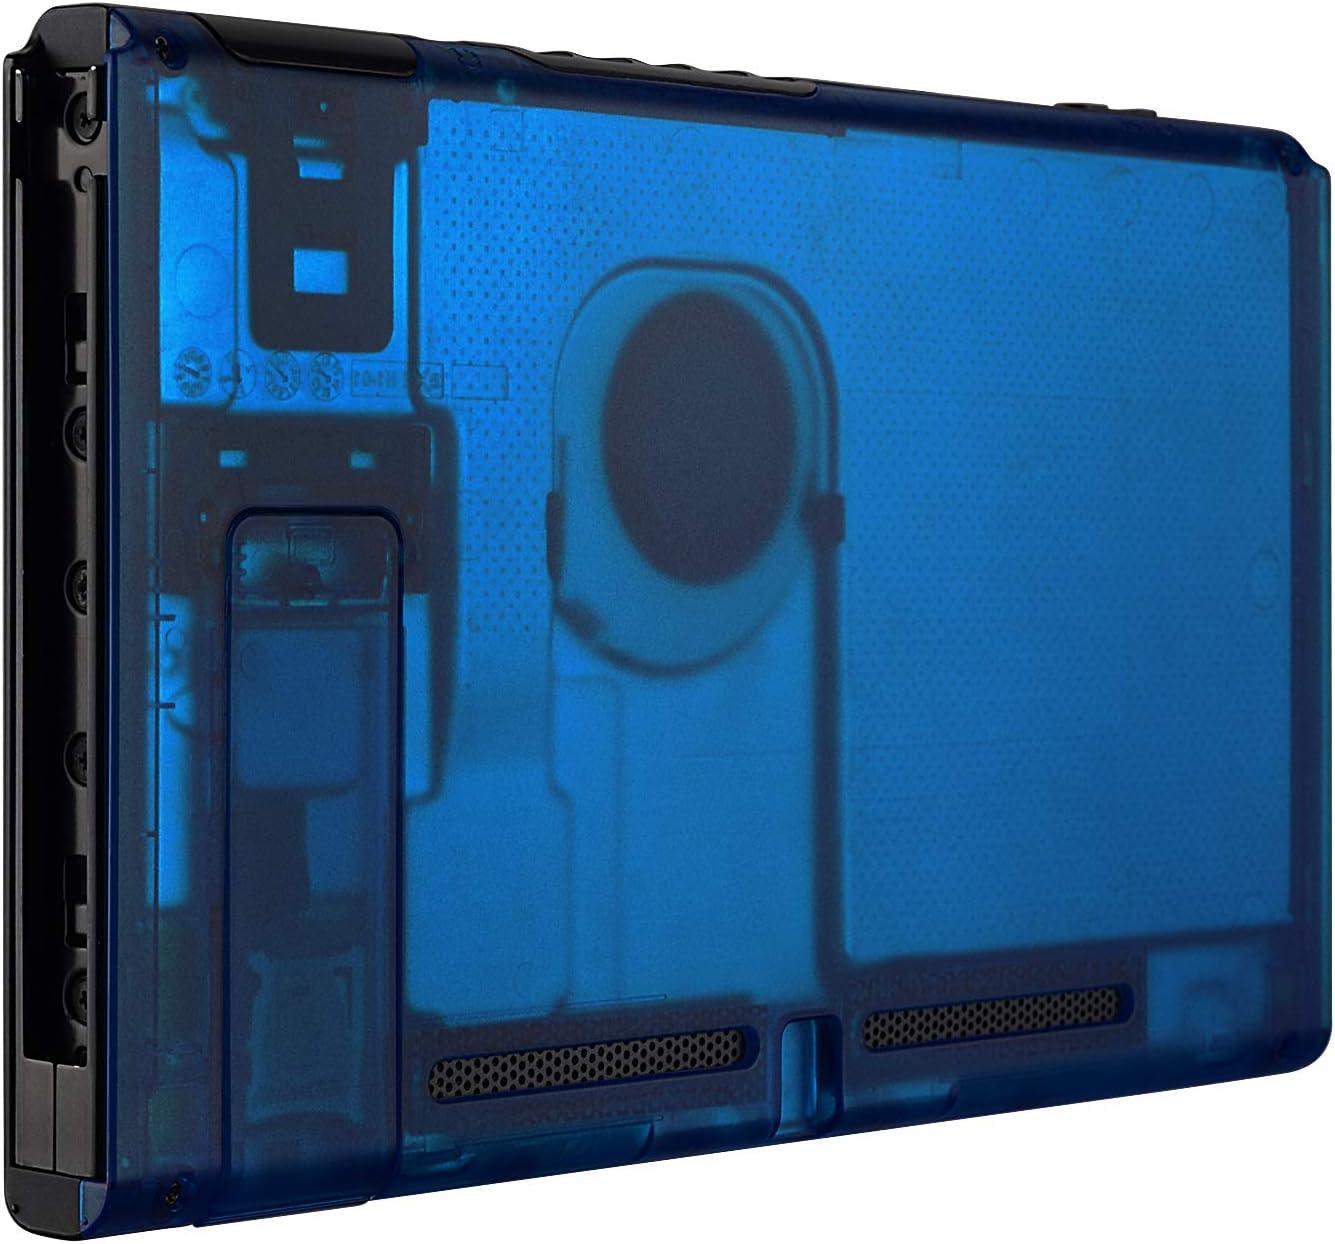 eXtremeRate Carcasa Transparente Azul para Nintendo Switch Funda Trasera de la Consola NS Shell de Bricolaje Cubierta de reemplazo con Soporte para Nintendo Switch No Incluye la Carcasa de Joy-con: Amazon.es: Electrónica